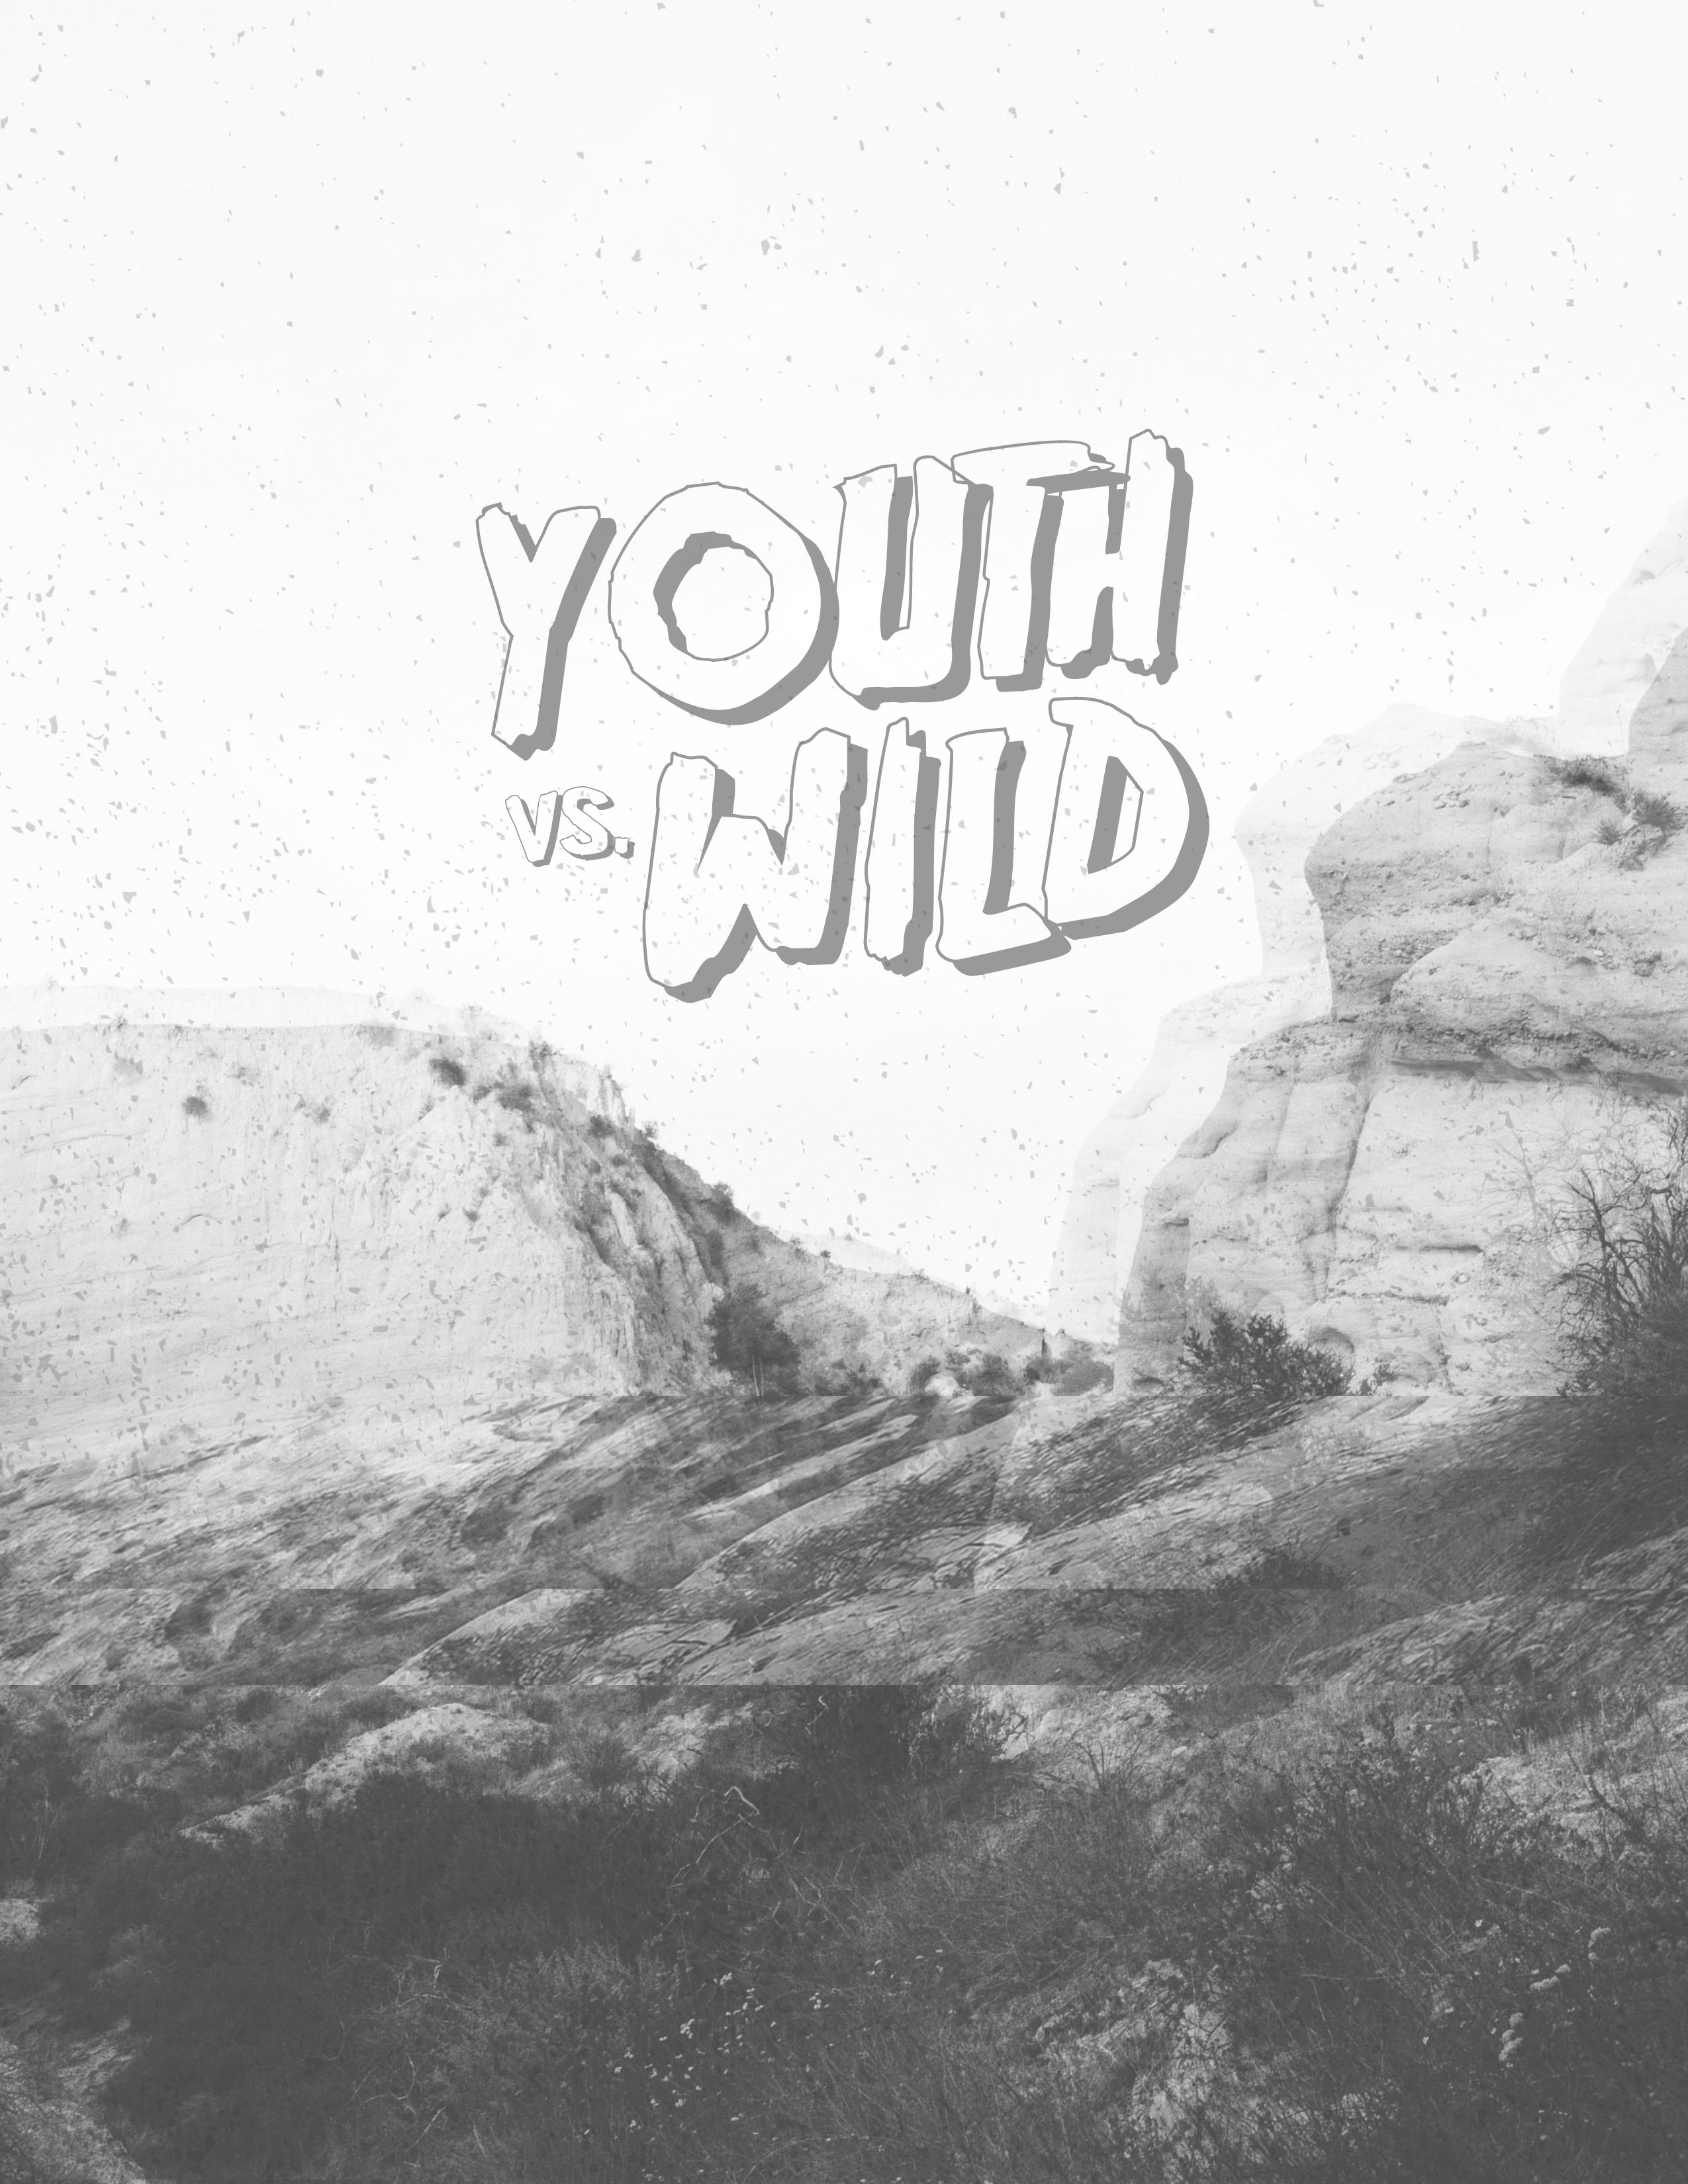 Youthvswild8.5x11